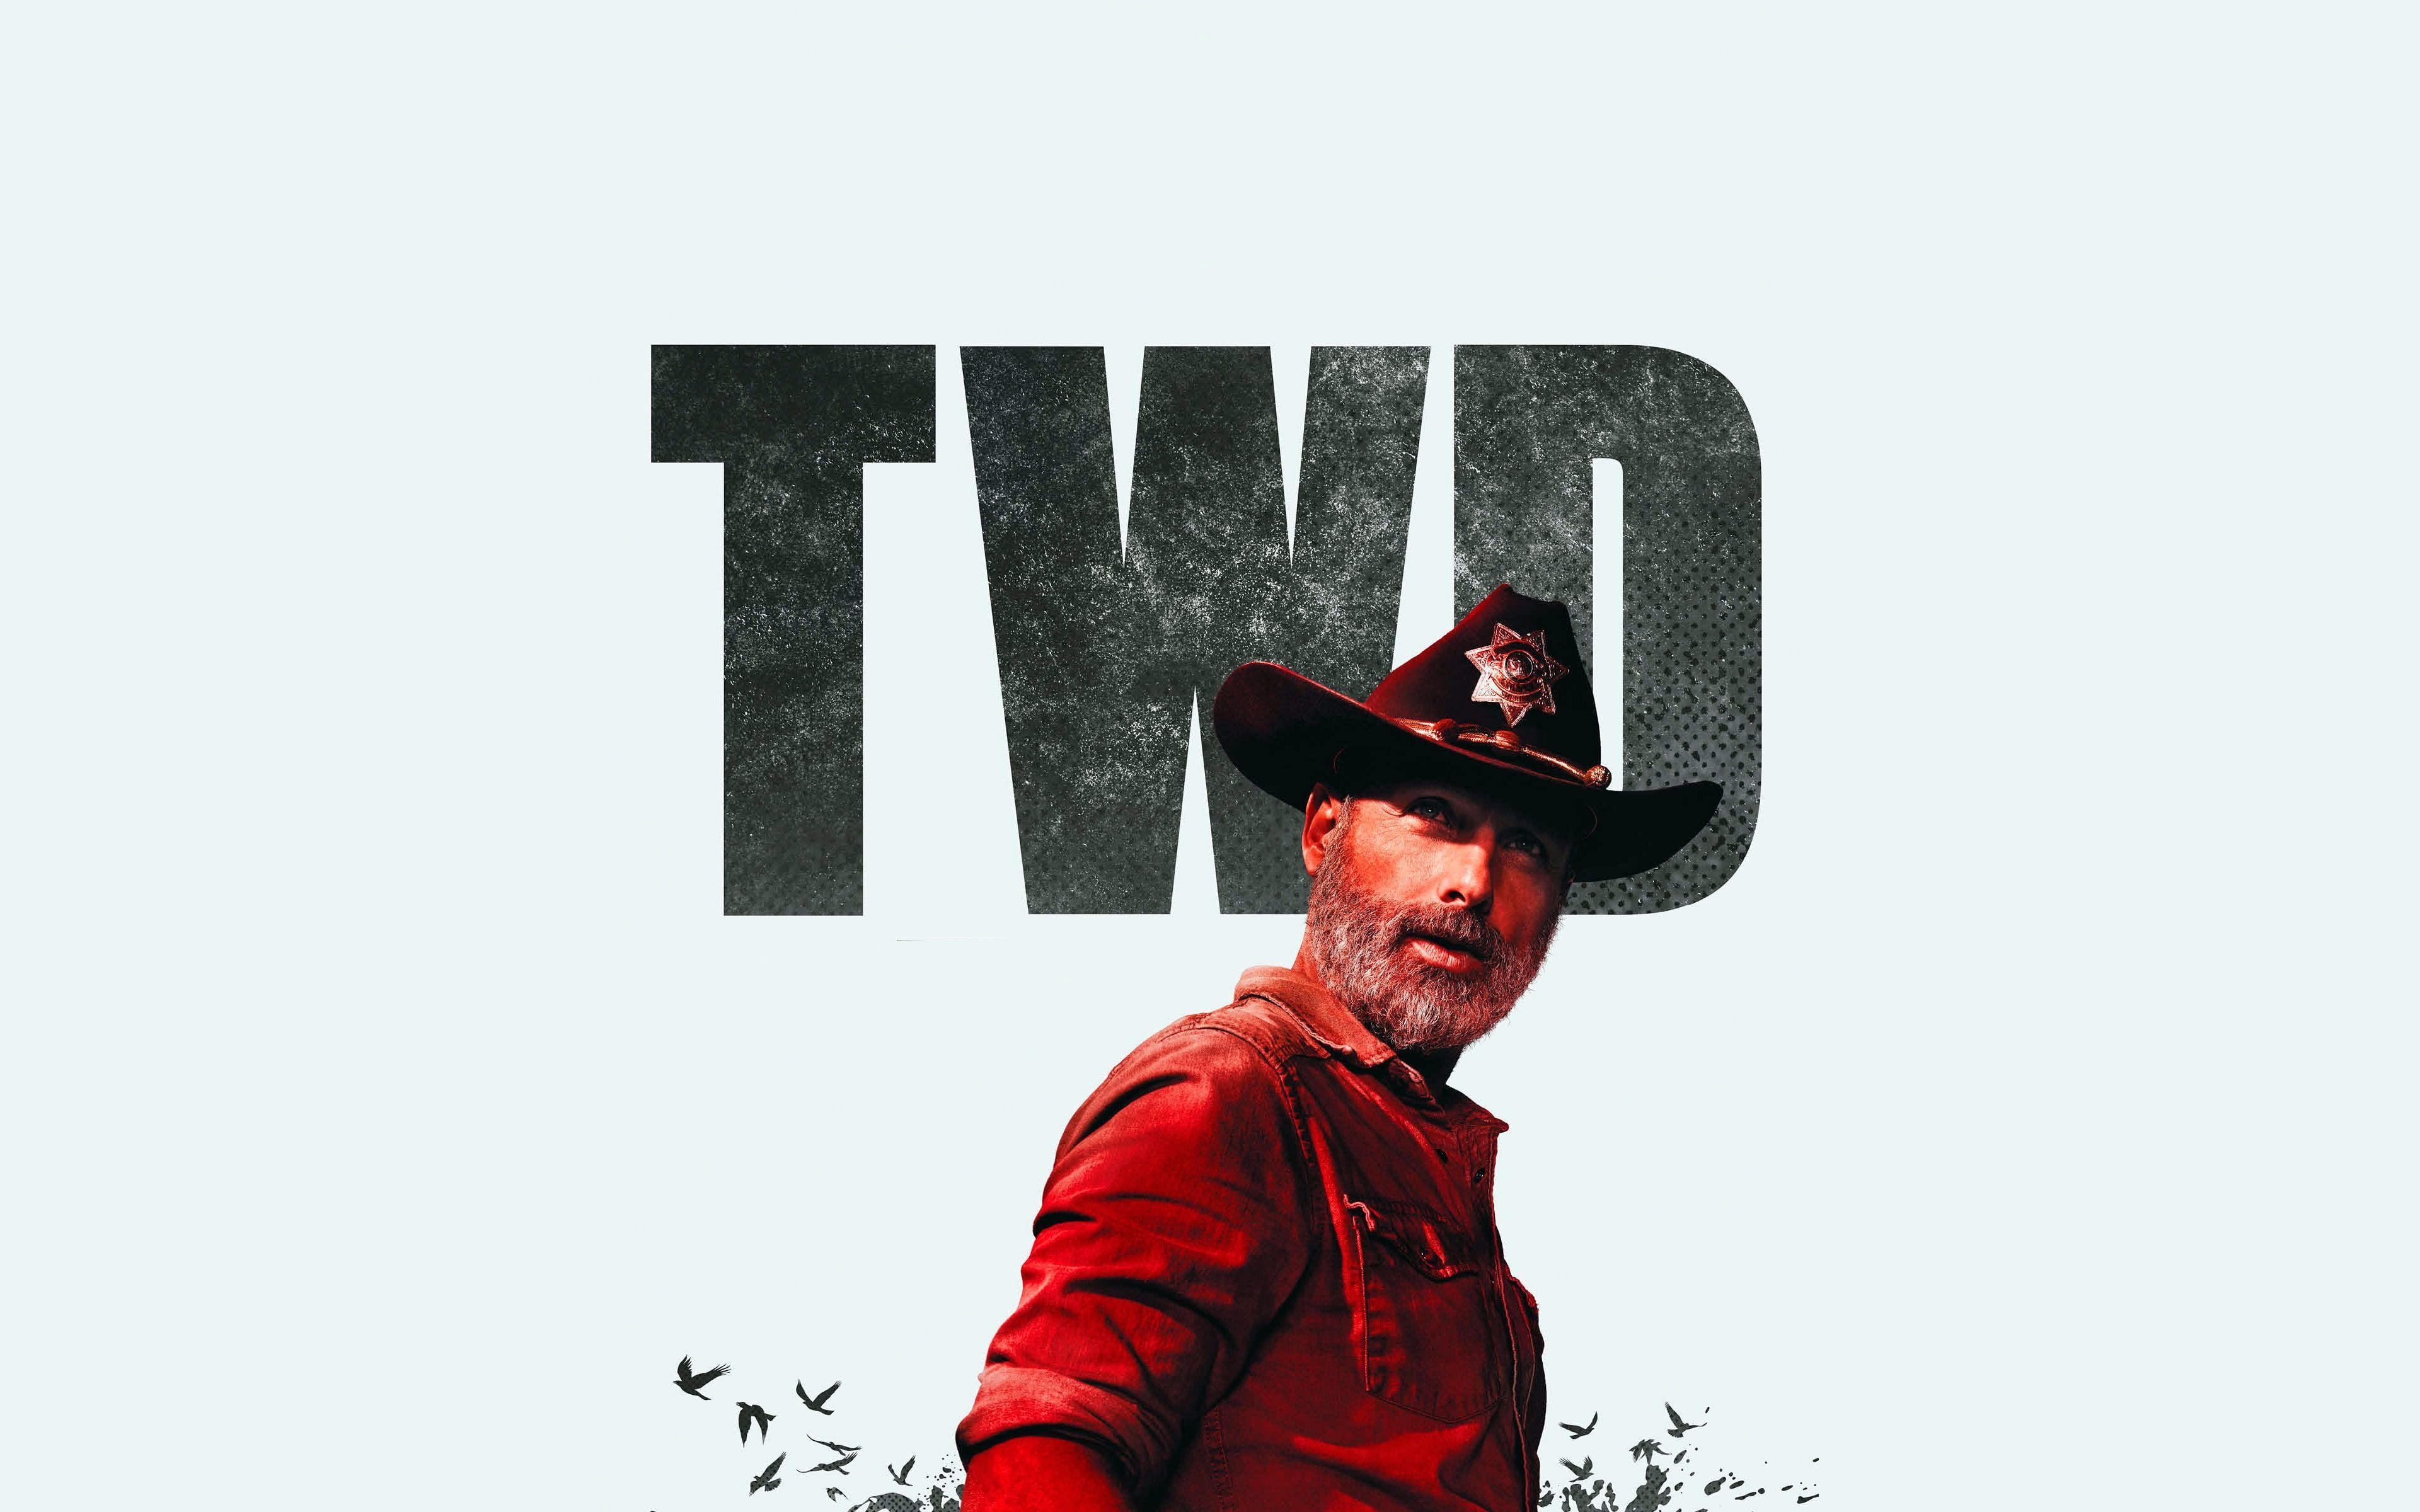 Walking Dead Season 9 Rick Grimes 4k Wallpaper Hdwallpaper Desktop Walking Dead Season 9 Walking Dead Season The Walking Dead